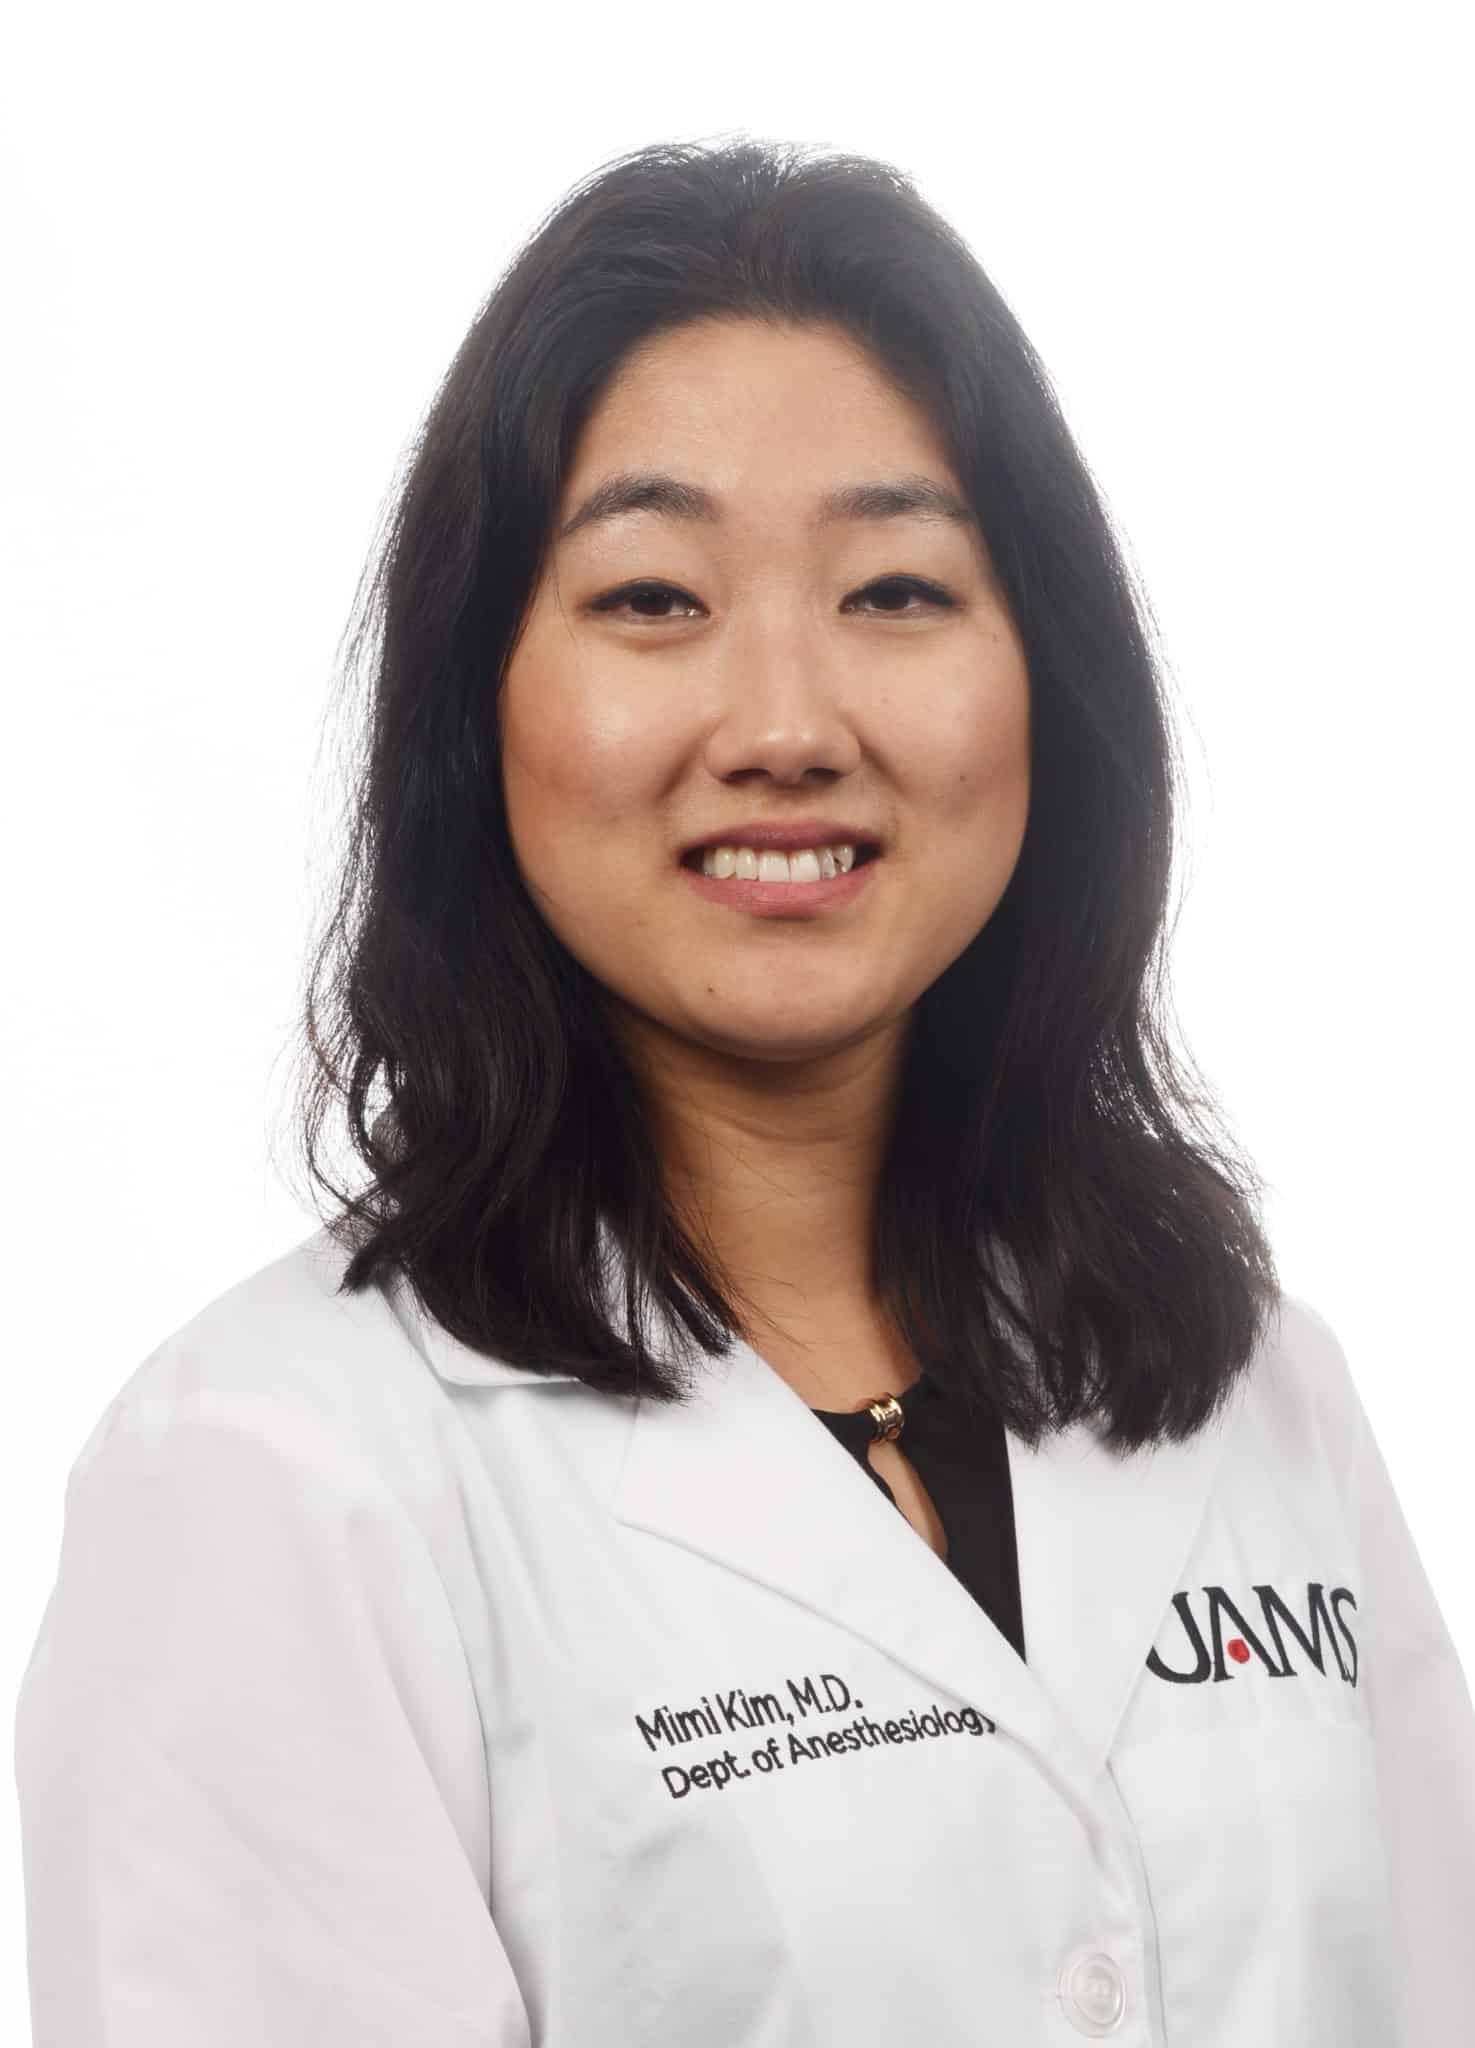 Mimi Kim